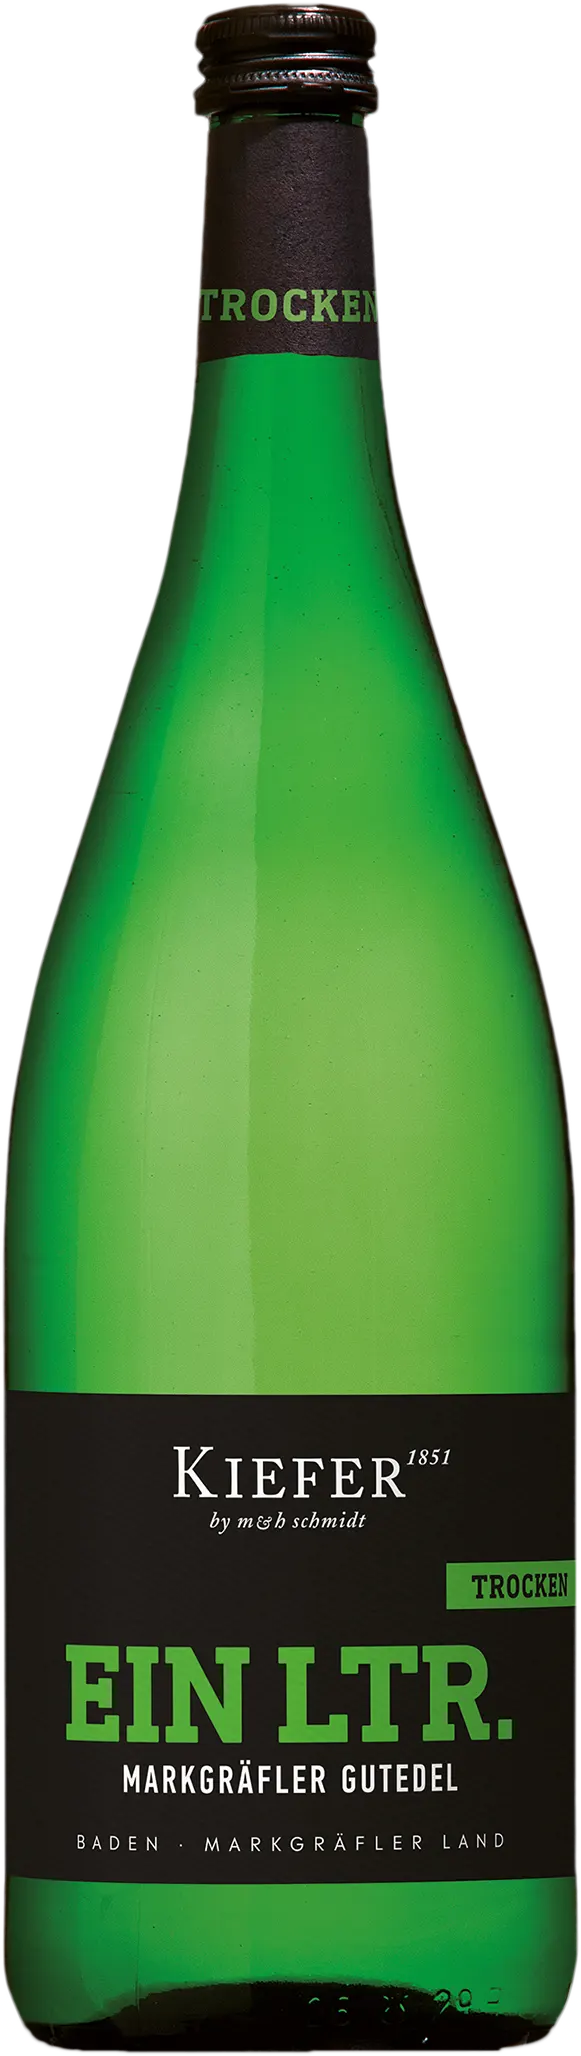 6 Flaschen Gutedel | Kiefer | 2019 | 1 Liter